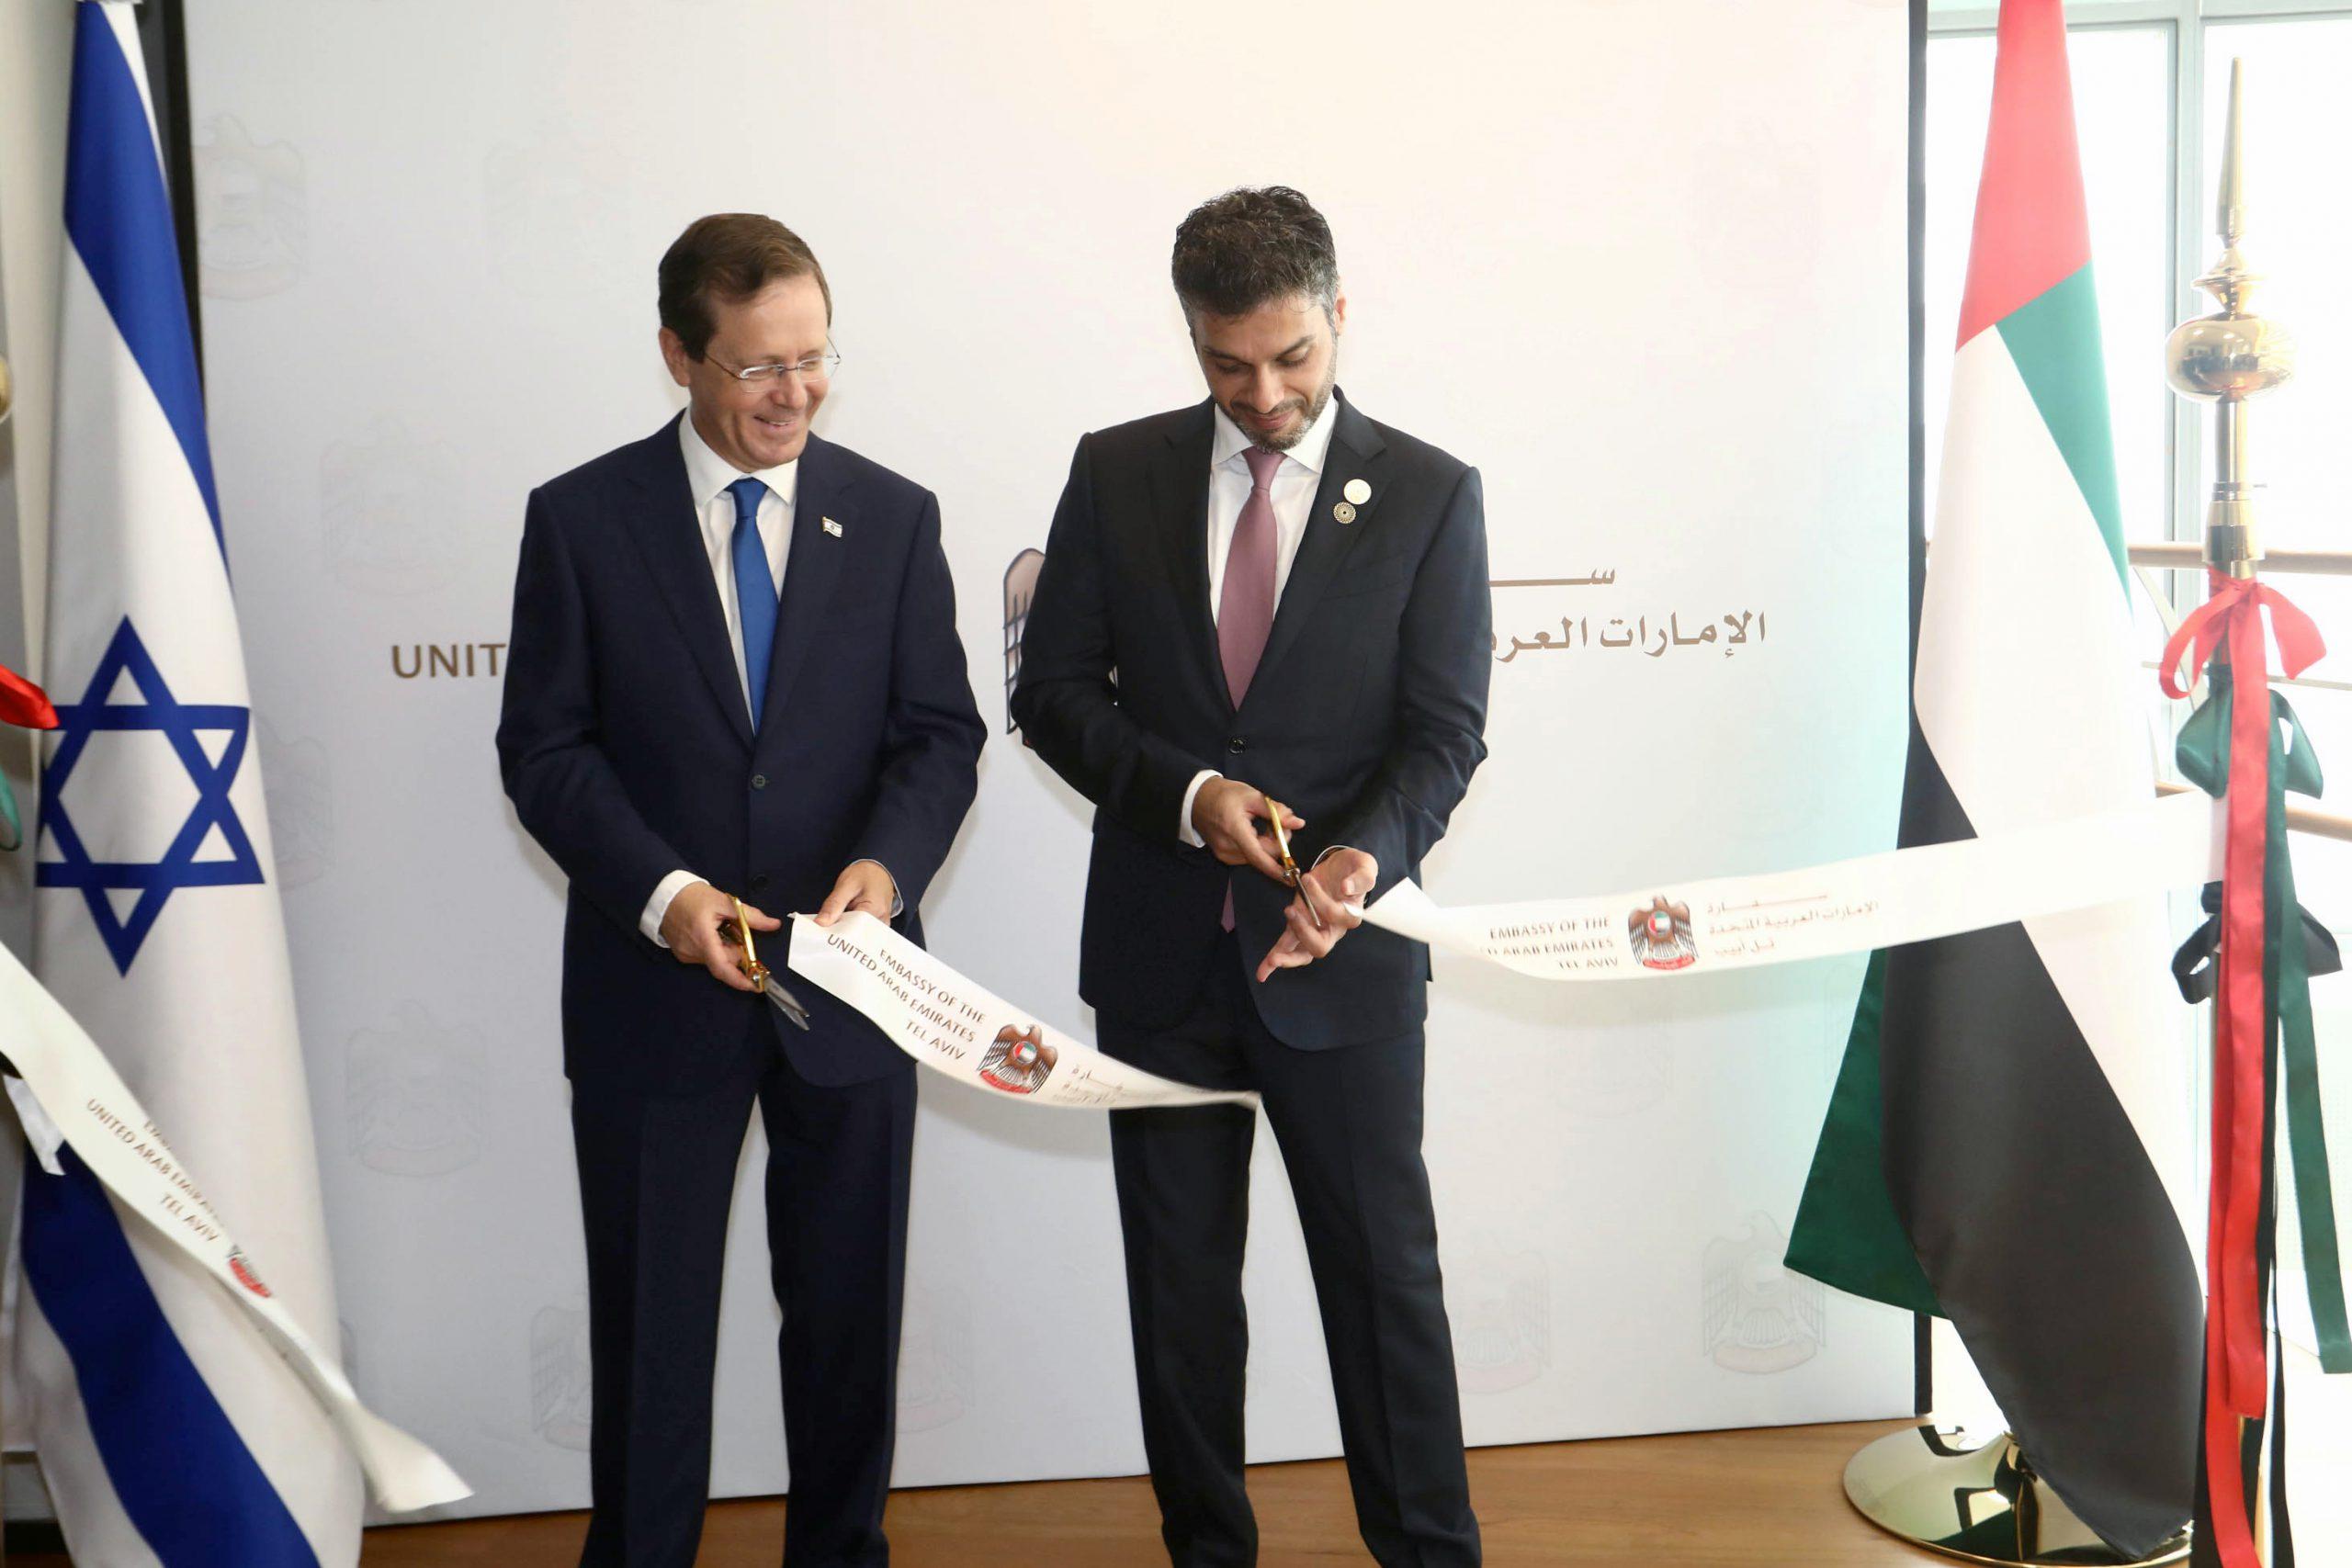 الإمارات تدشّن سفارتها في تل أبيب رسميًّا وسط تنديد فلسطينيّ وعربيّ